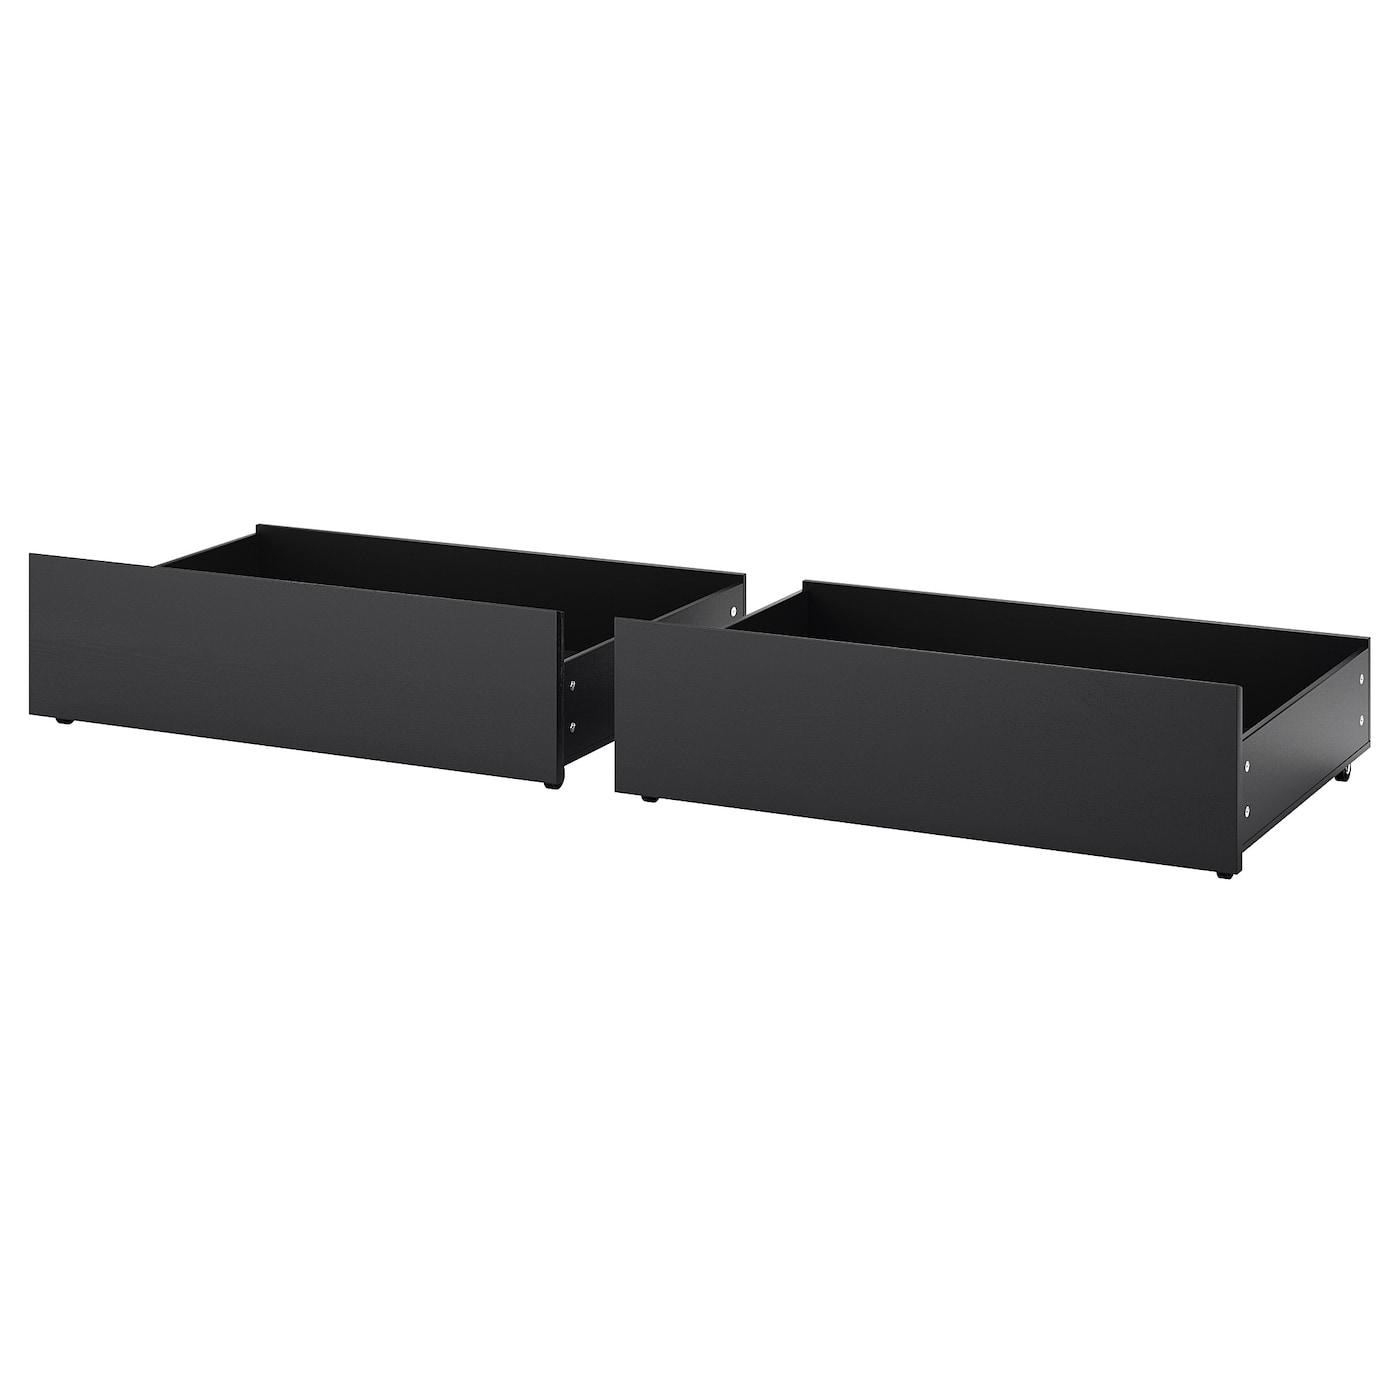 malm cadre de lit haut brun noir 160 x 200 cm ikea. Black Bedroom Furniture Sets. Home Design Ideas